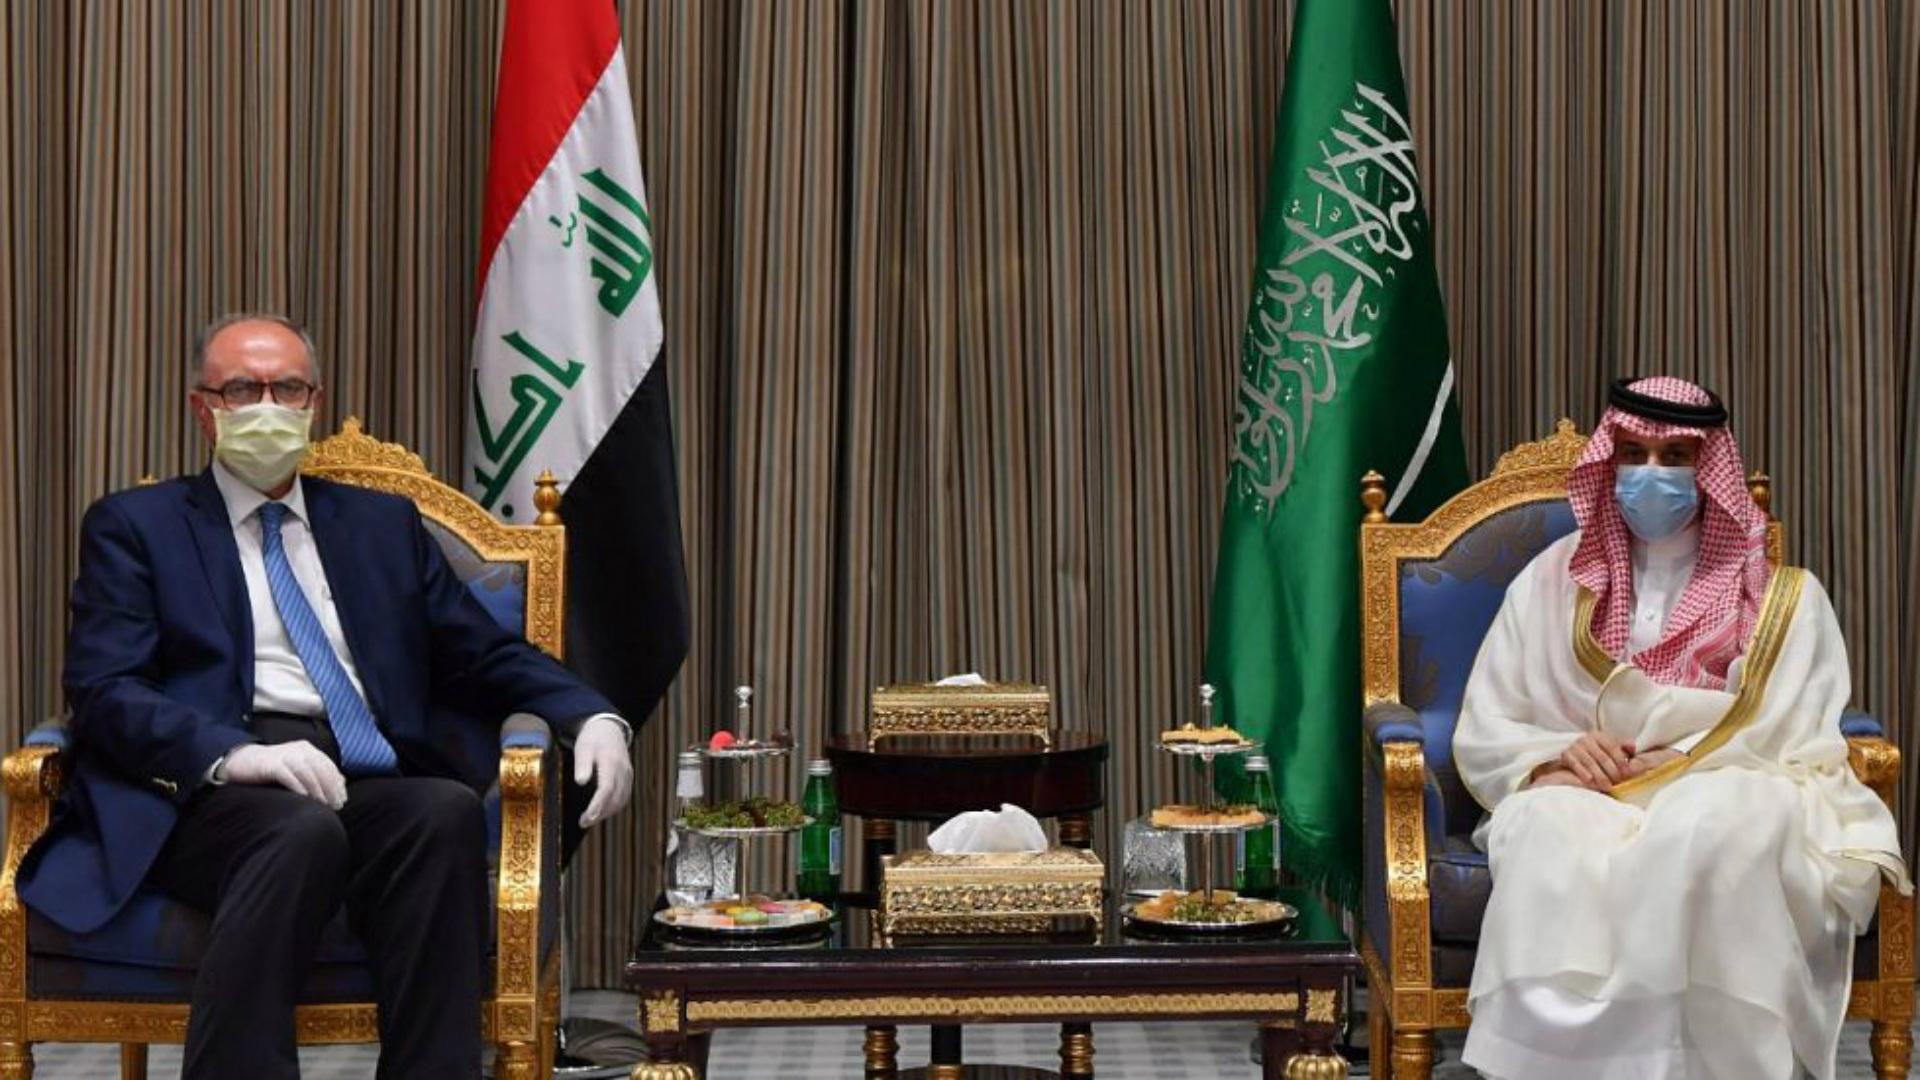 السعودية تقرر إعادة سفيرها إلى بغداد